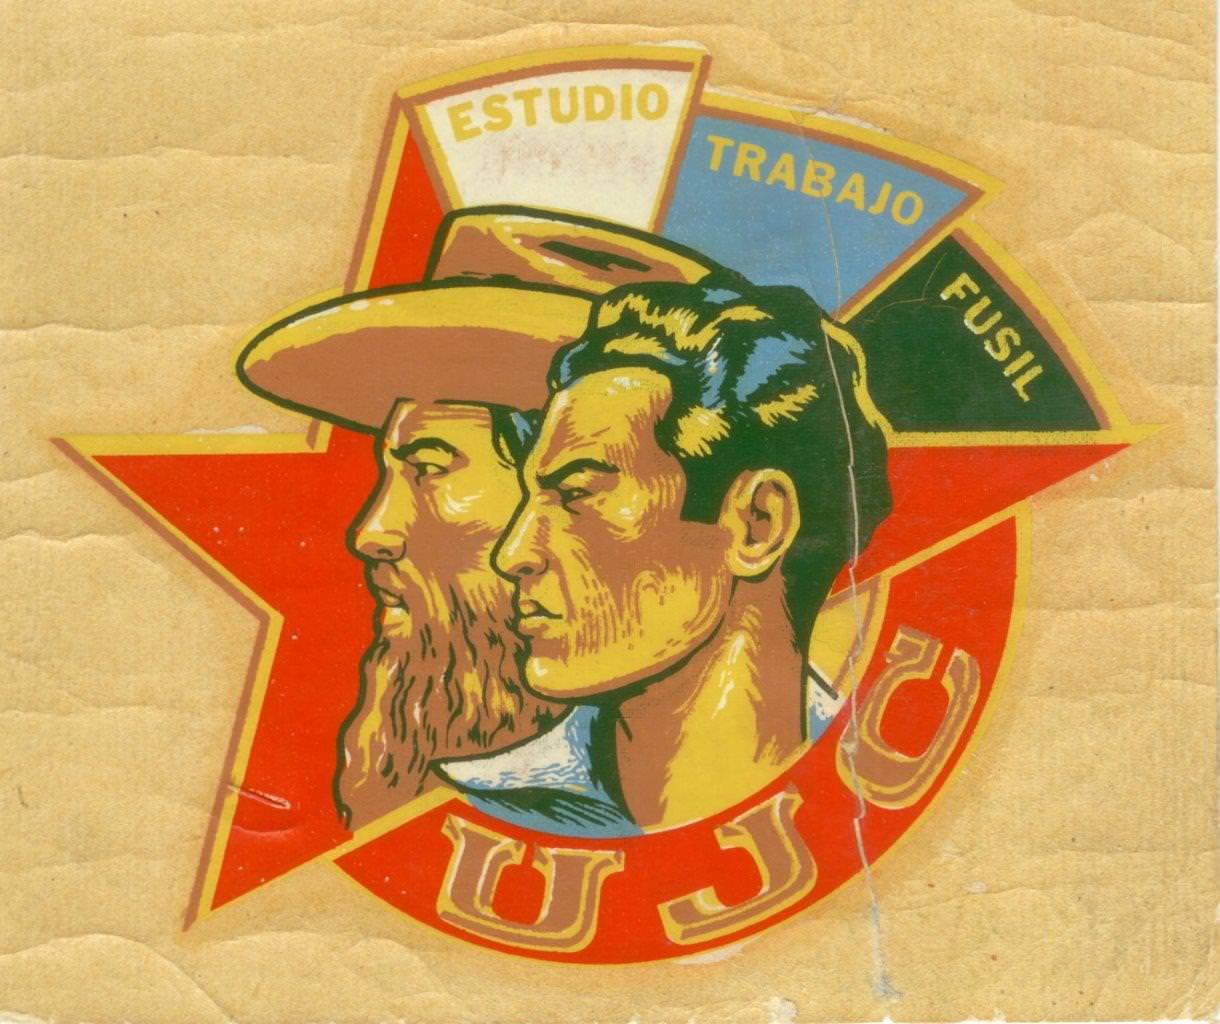 70. Наклейка «UJC» («Союз молодых коммунистов») . 1961-1962 гг. Республика Куба.